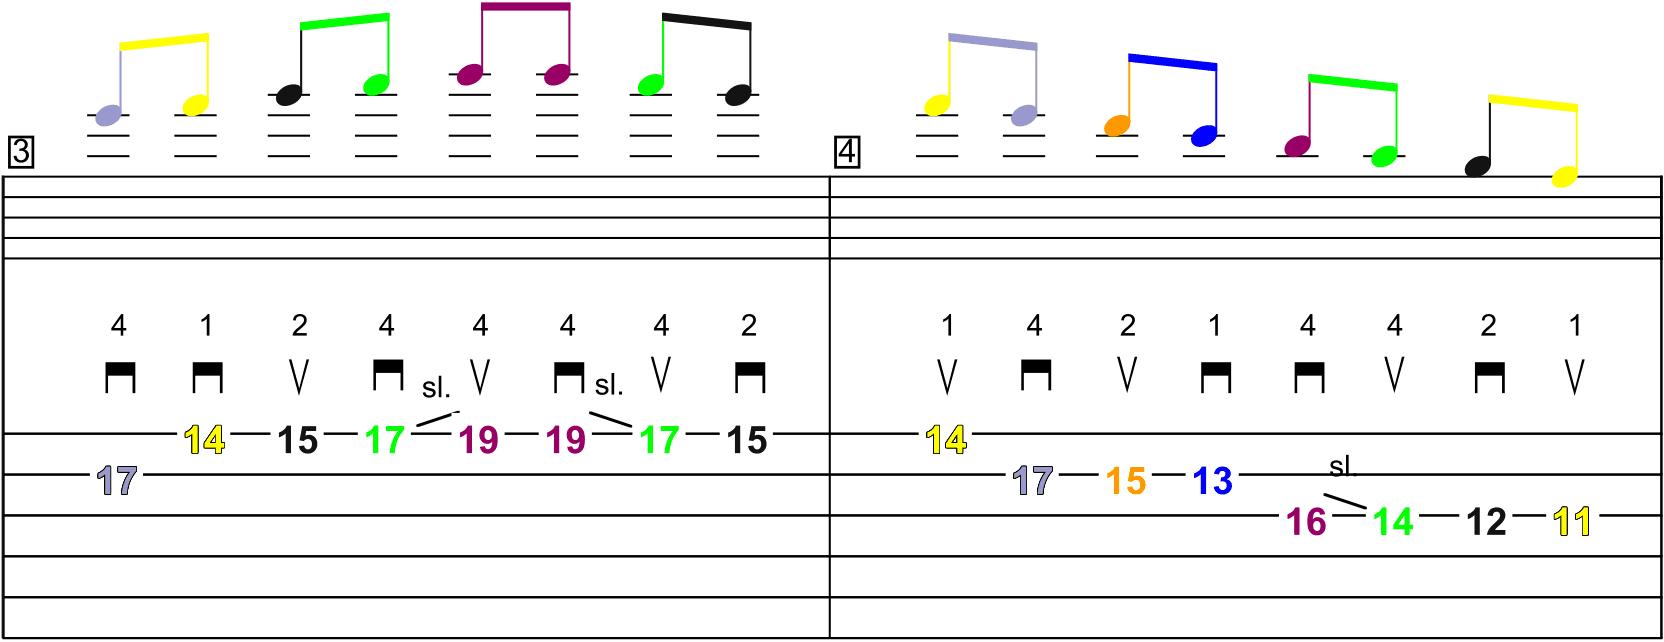 La gamme majeure de Sol en démanché (jeu latéral) - Schéma n°4 sur la partition et la tablature (page 2)